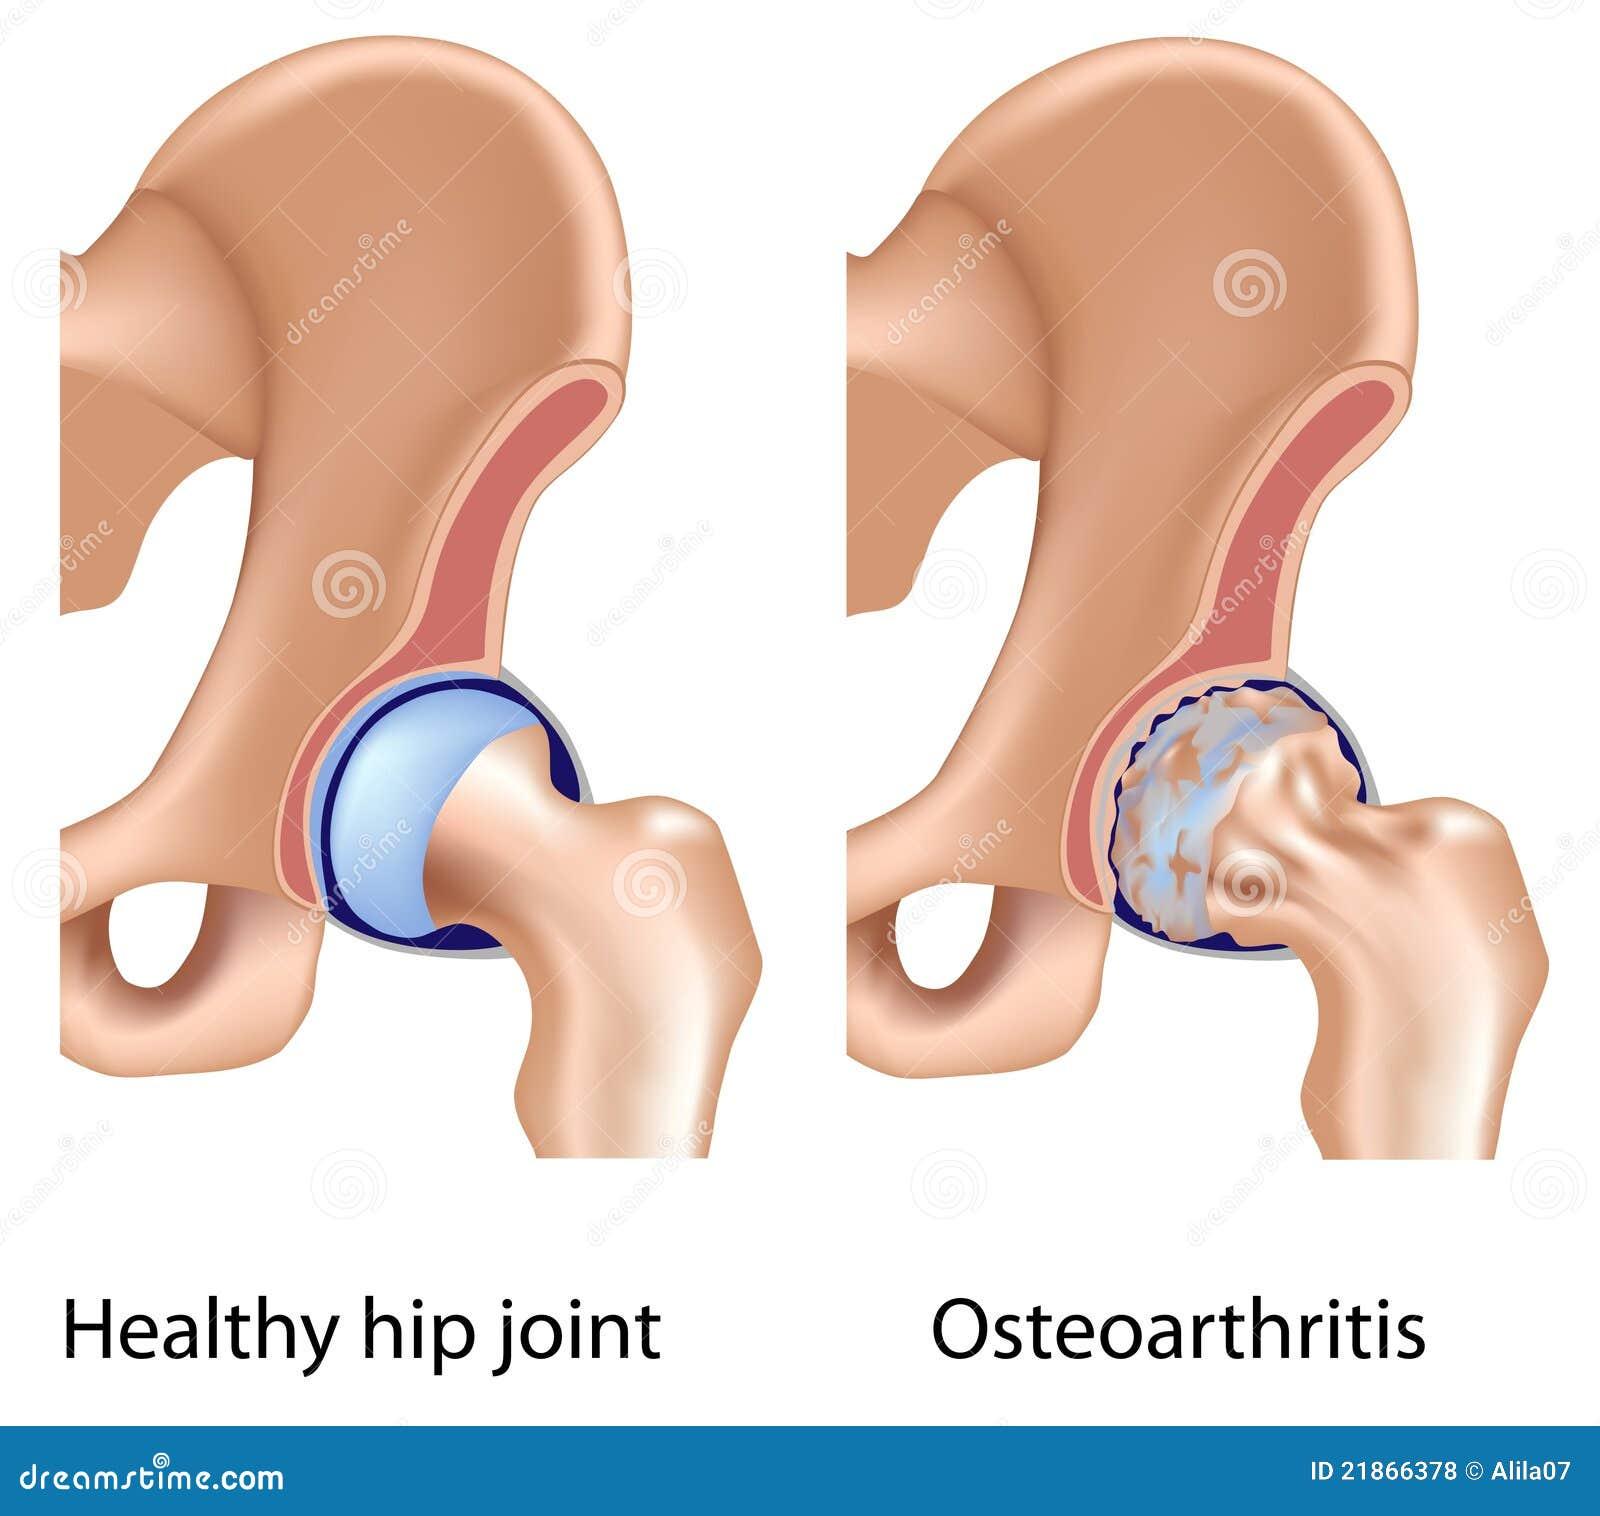 Osteoarthritis of hip joint